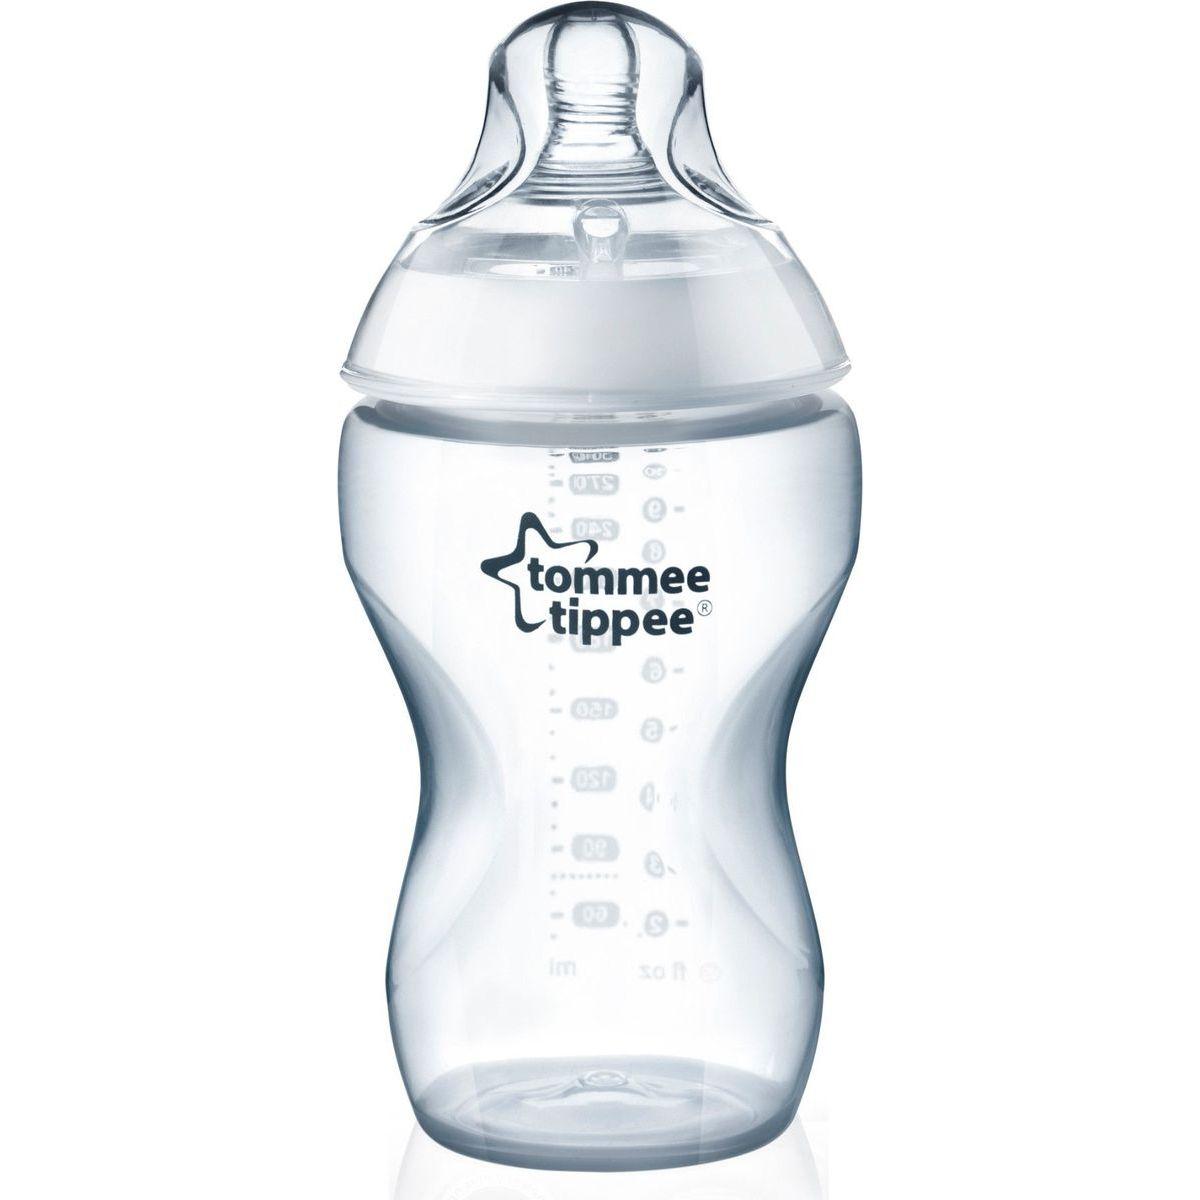 Tommee Tippee kojenecká láhev C2N skleněná bílá 250ml